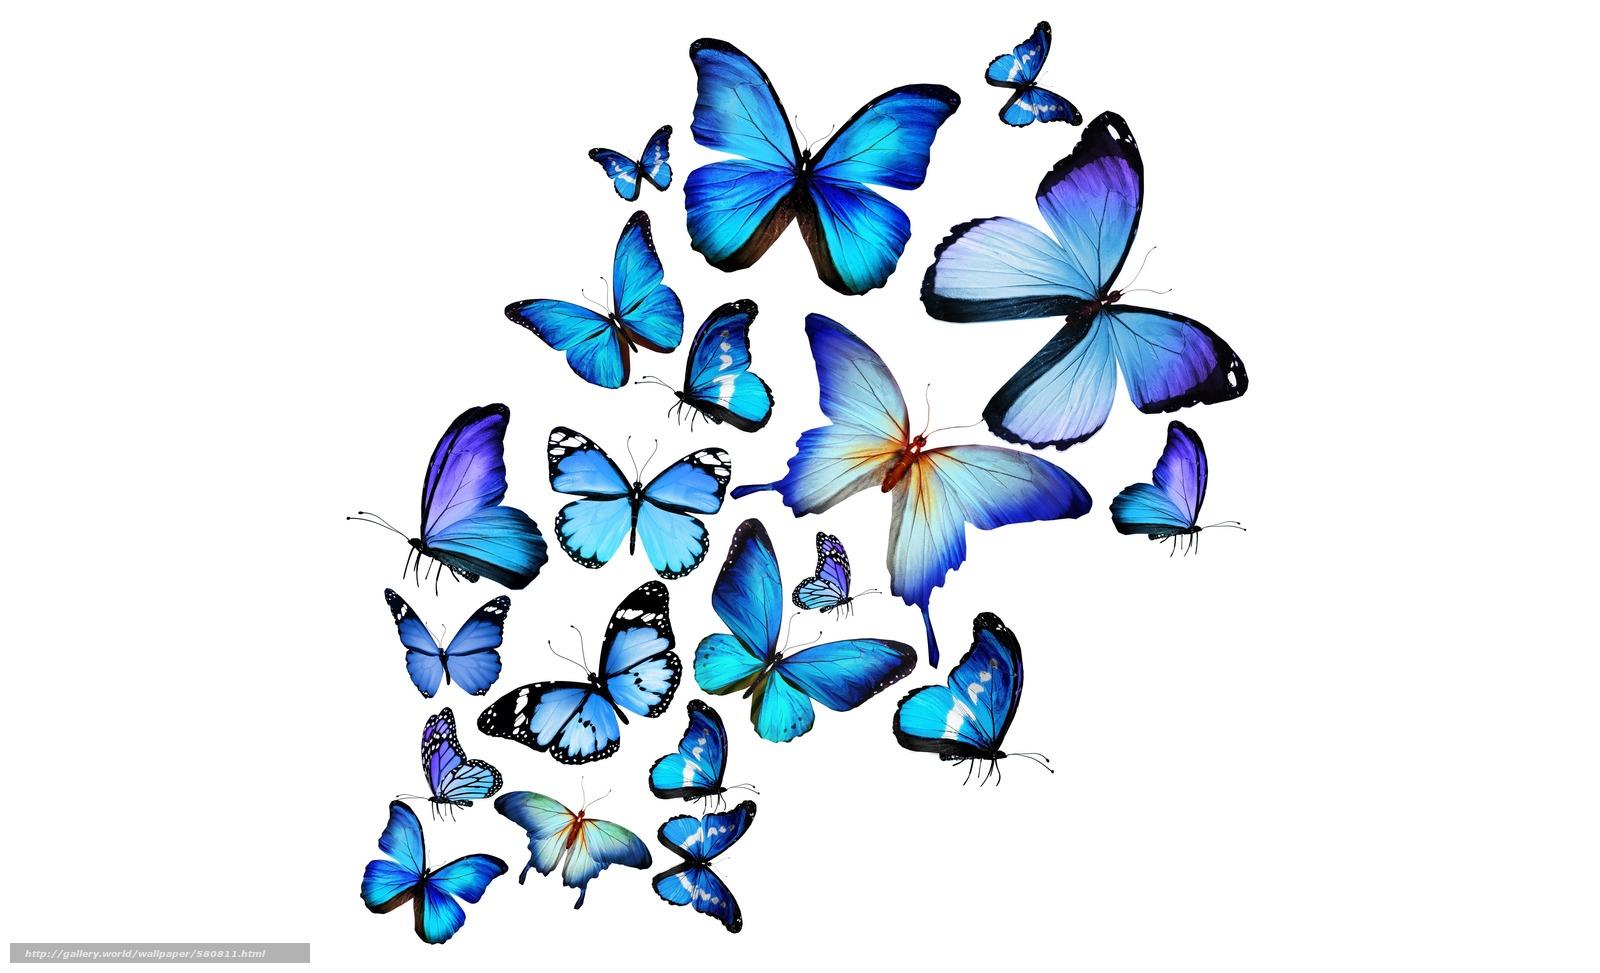 Scaricare gli sfondi farfalle blu sfondi gratis per la for Sfondi farfalle gratis